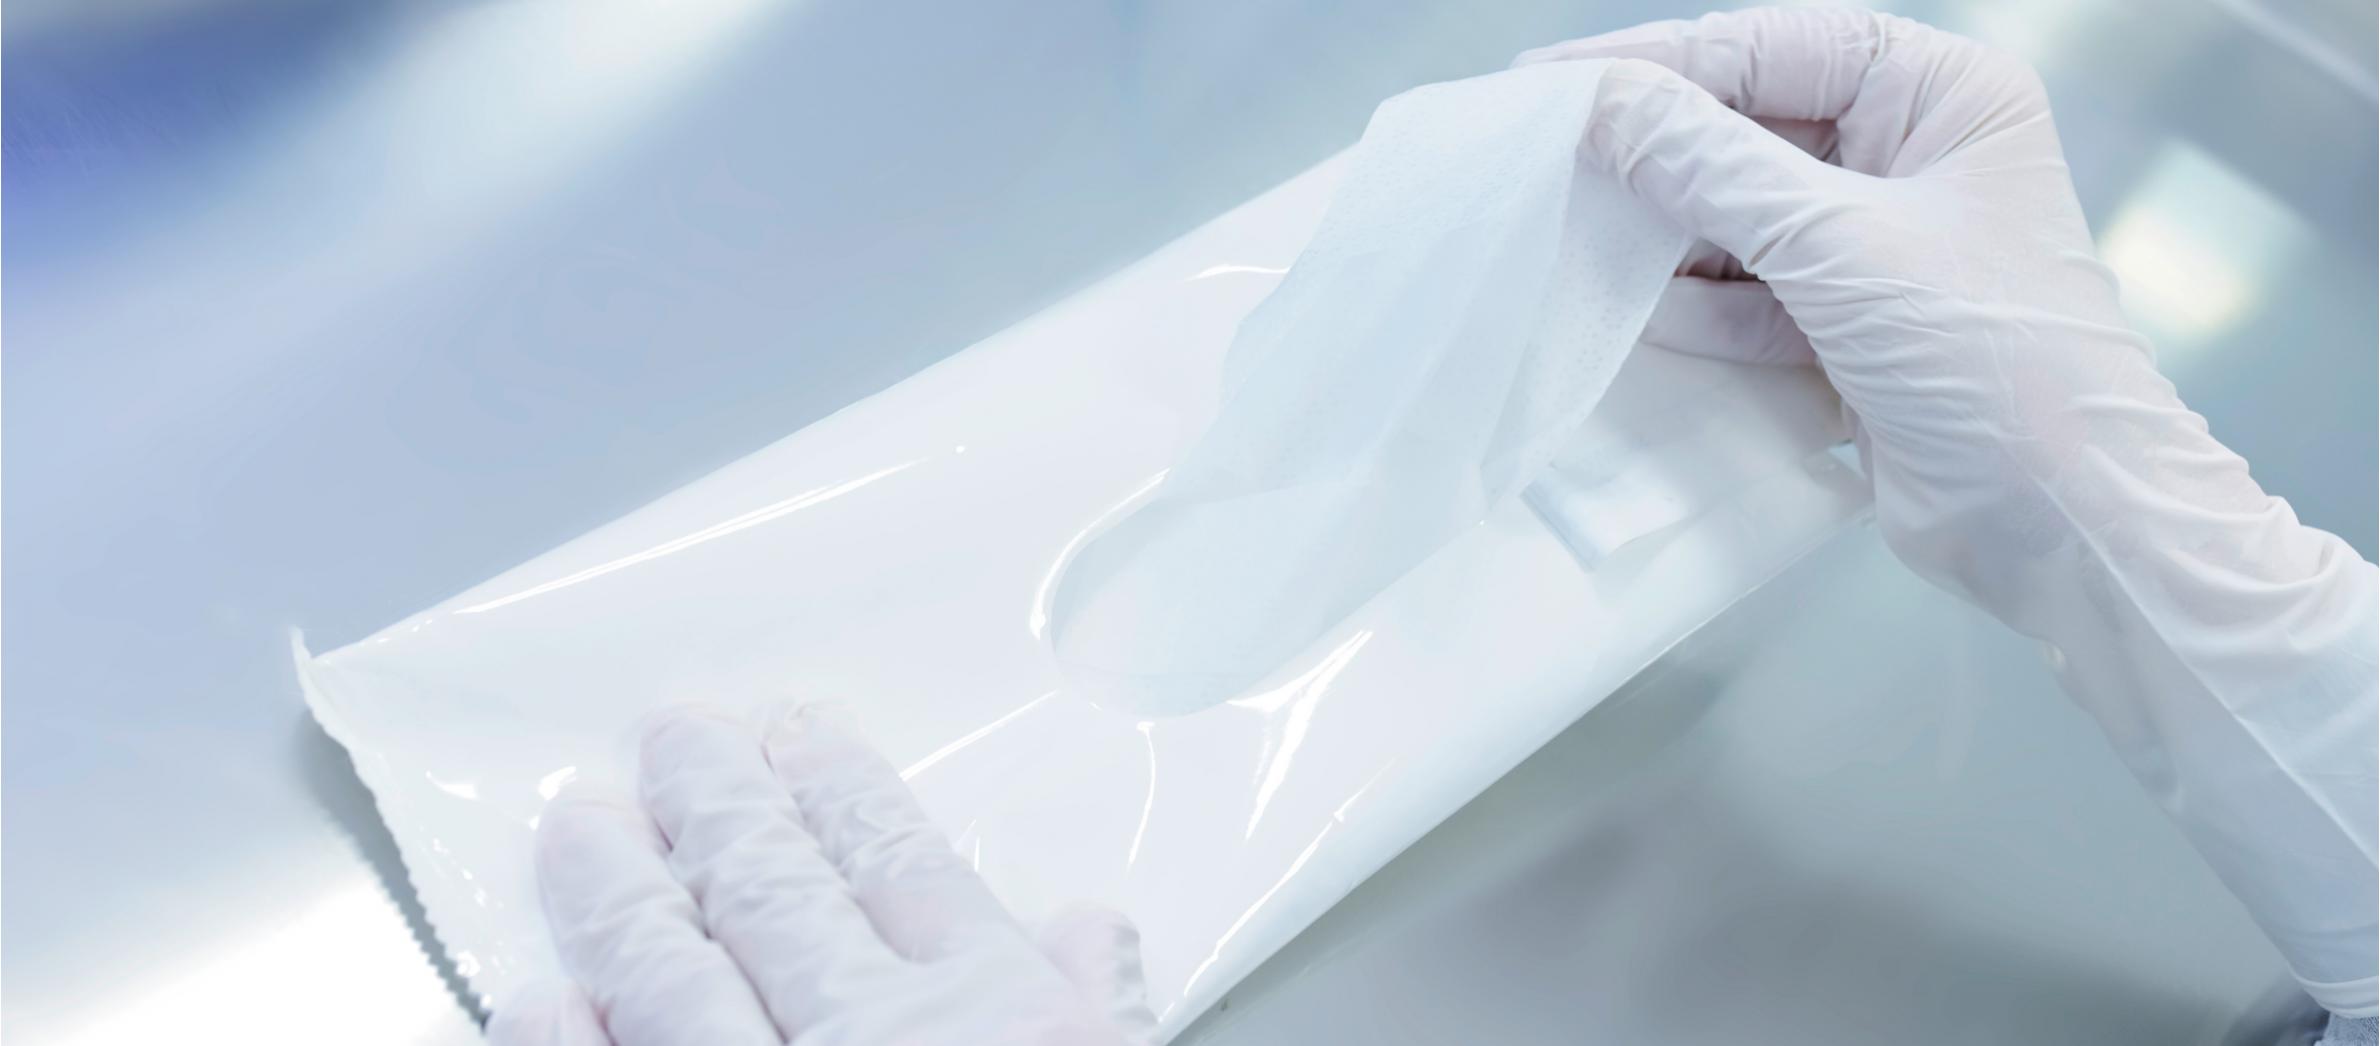 Haltbarkeit steriler Produkte nach Anbruch